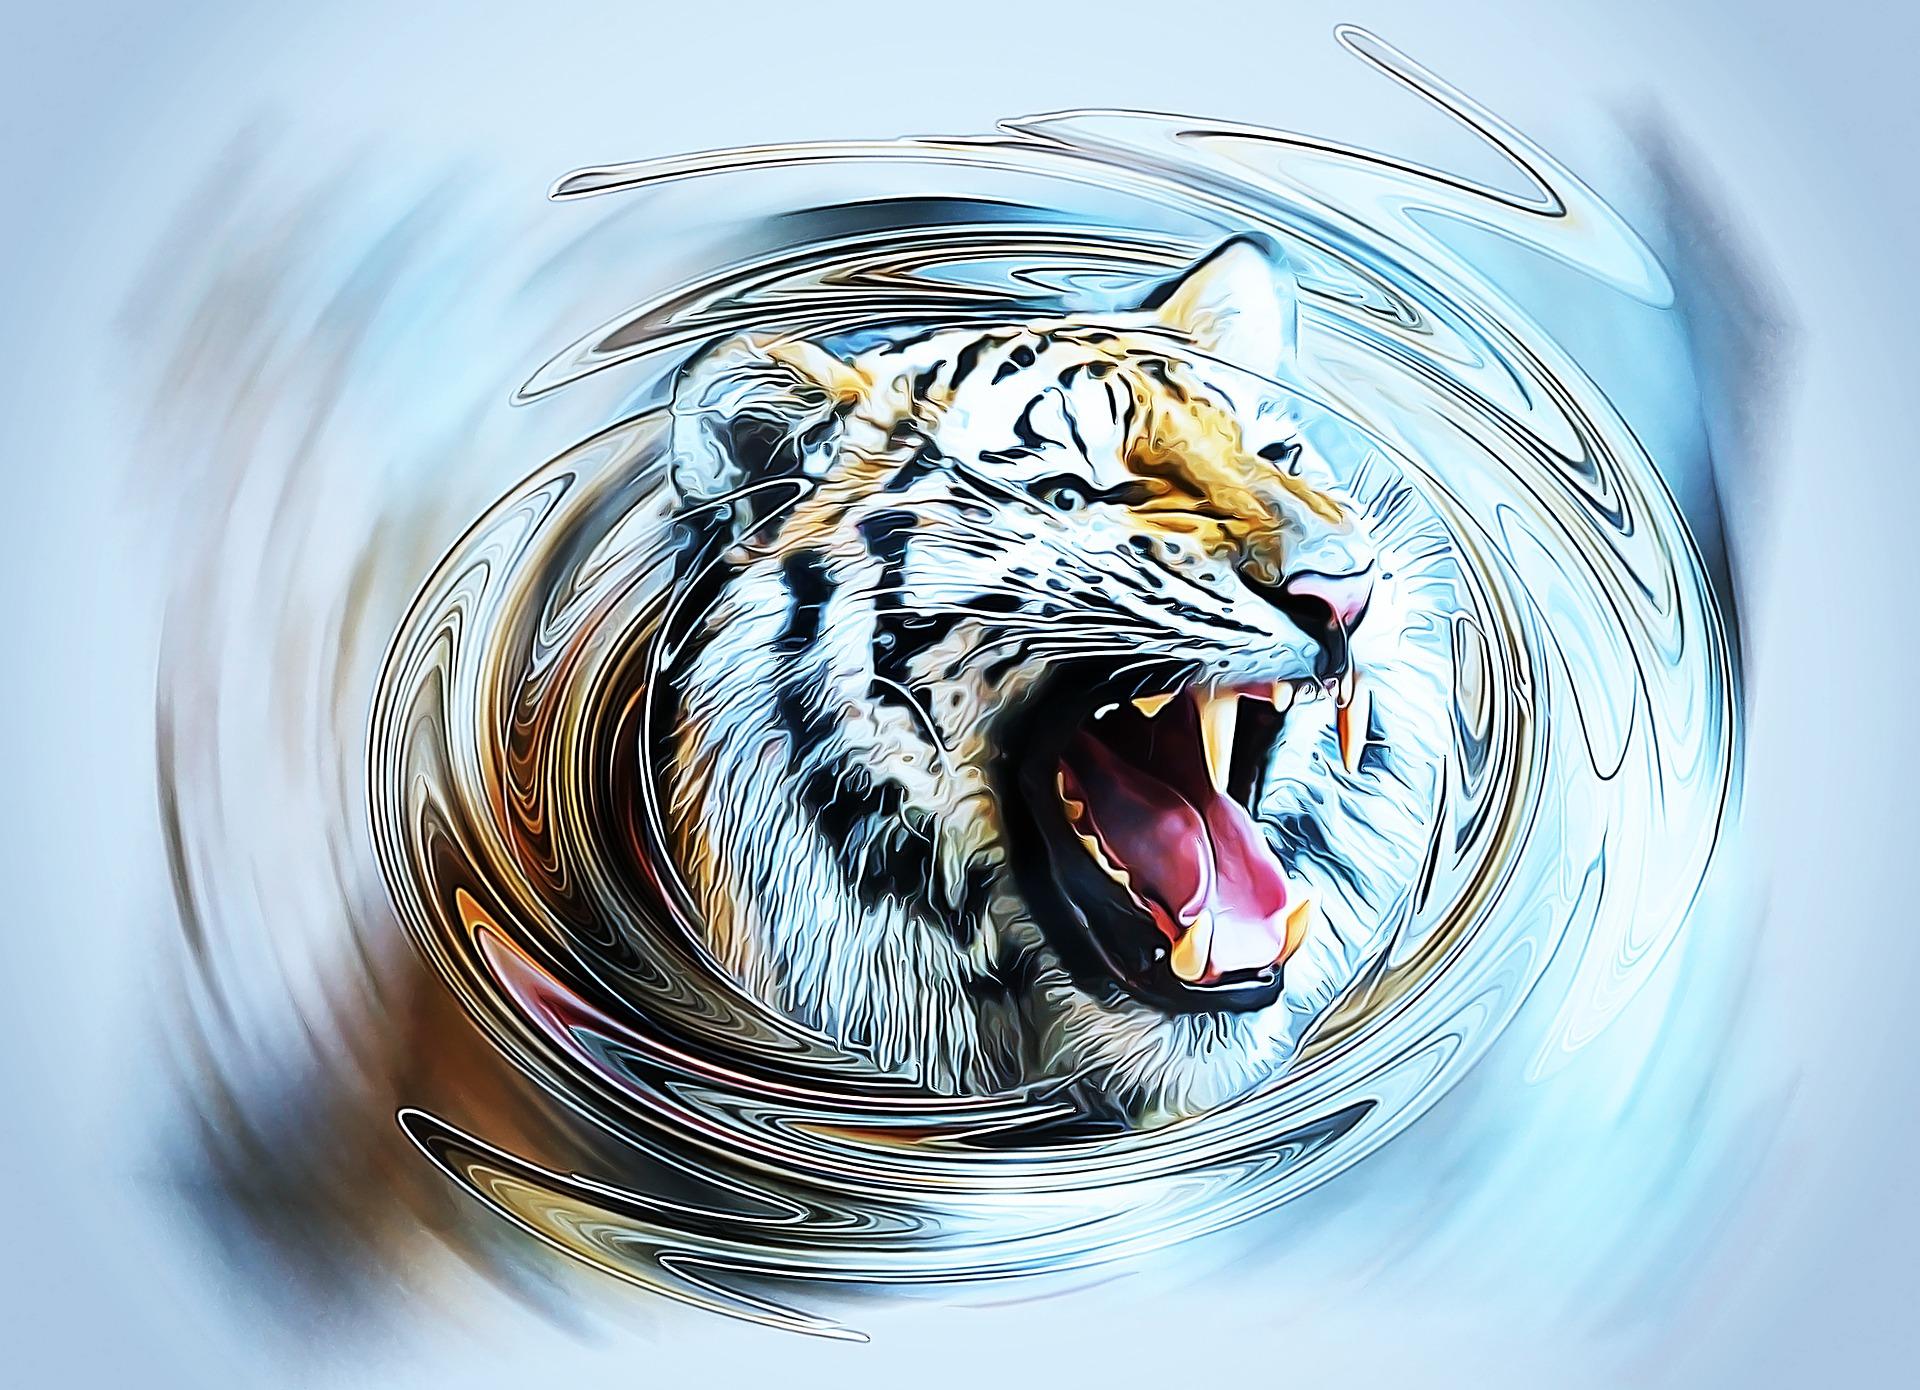 tiger-2223451_1920.jpg